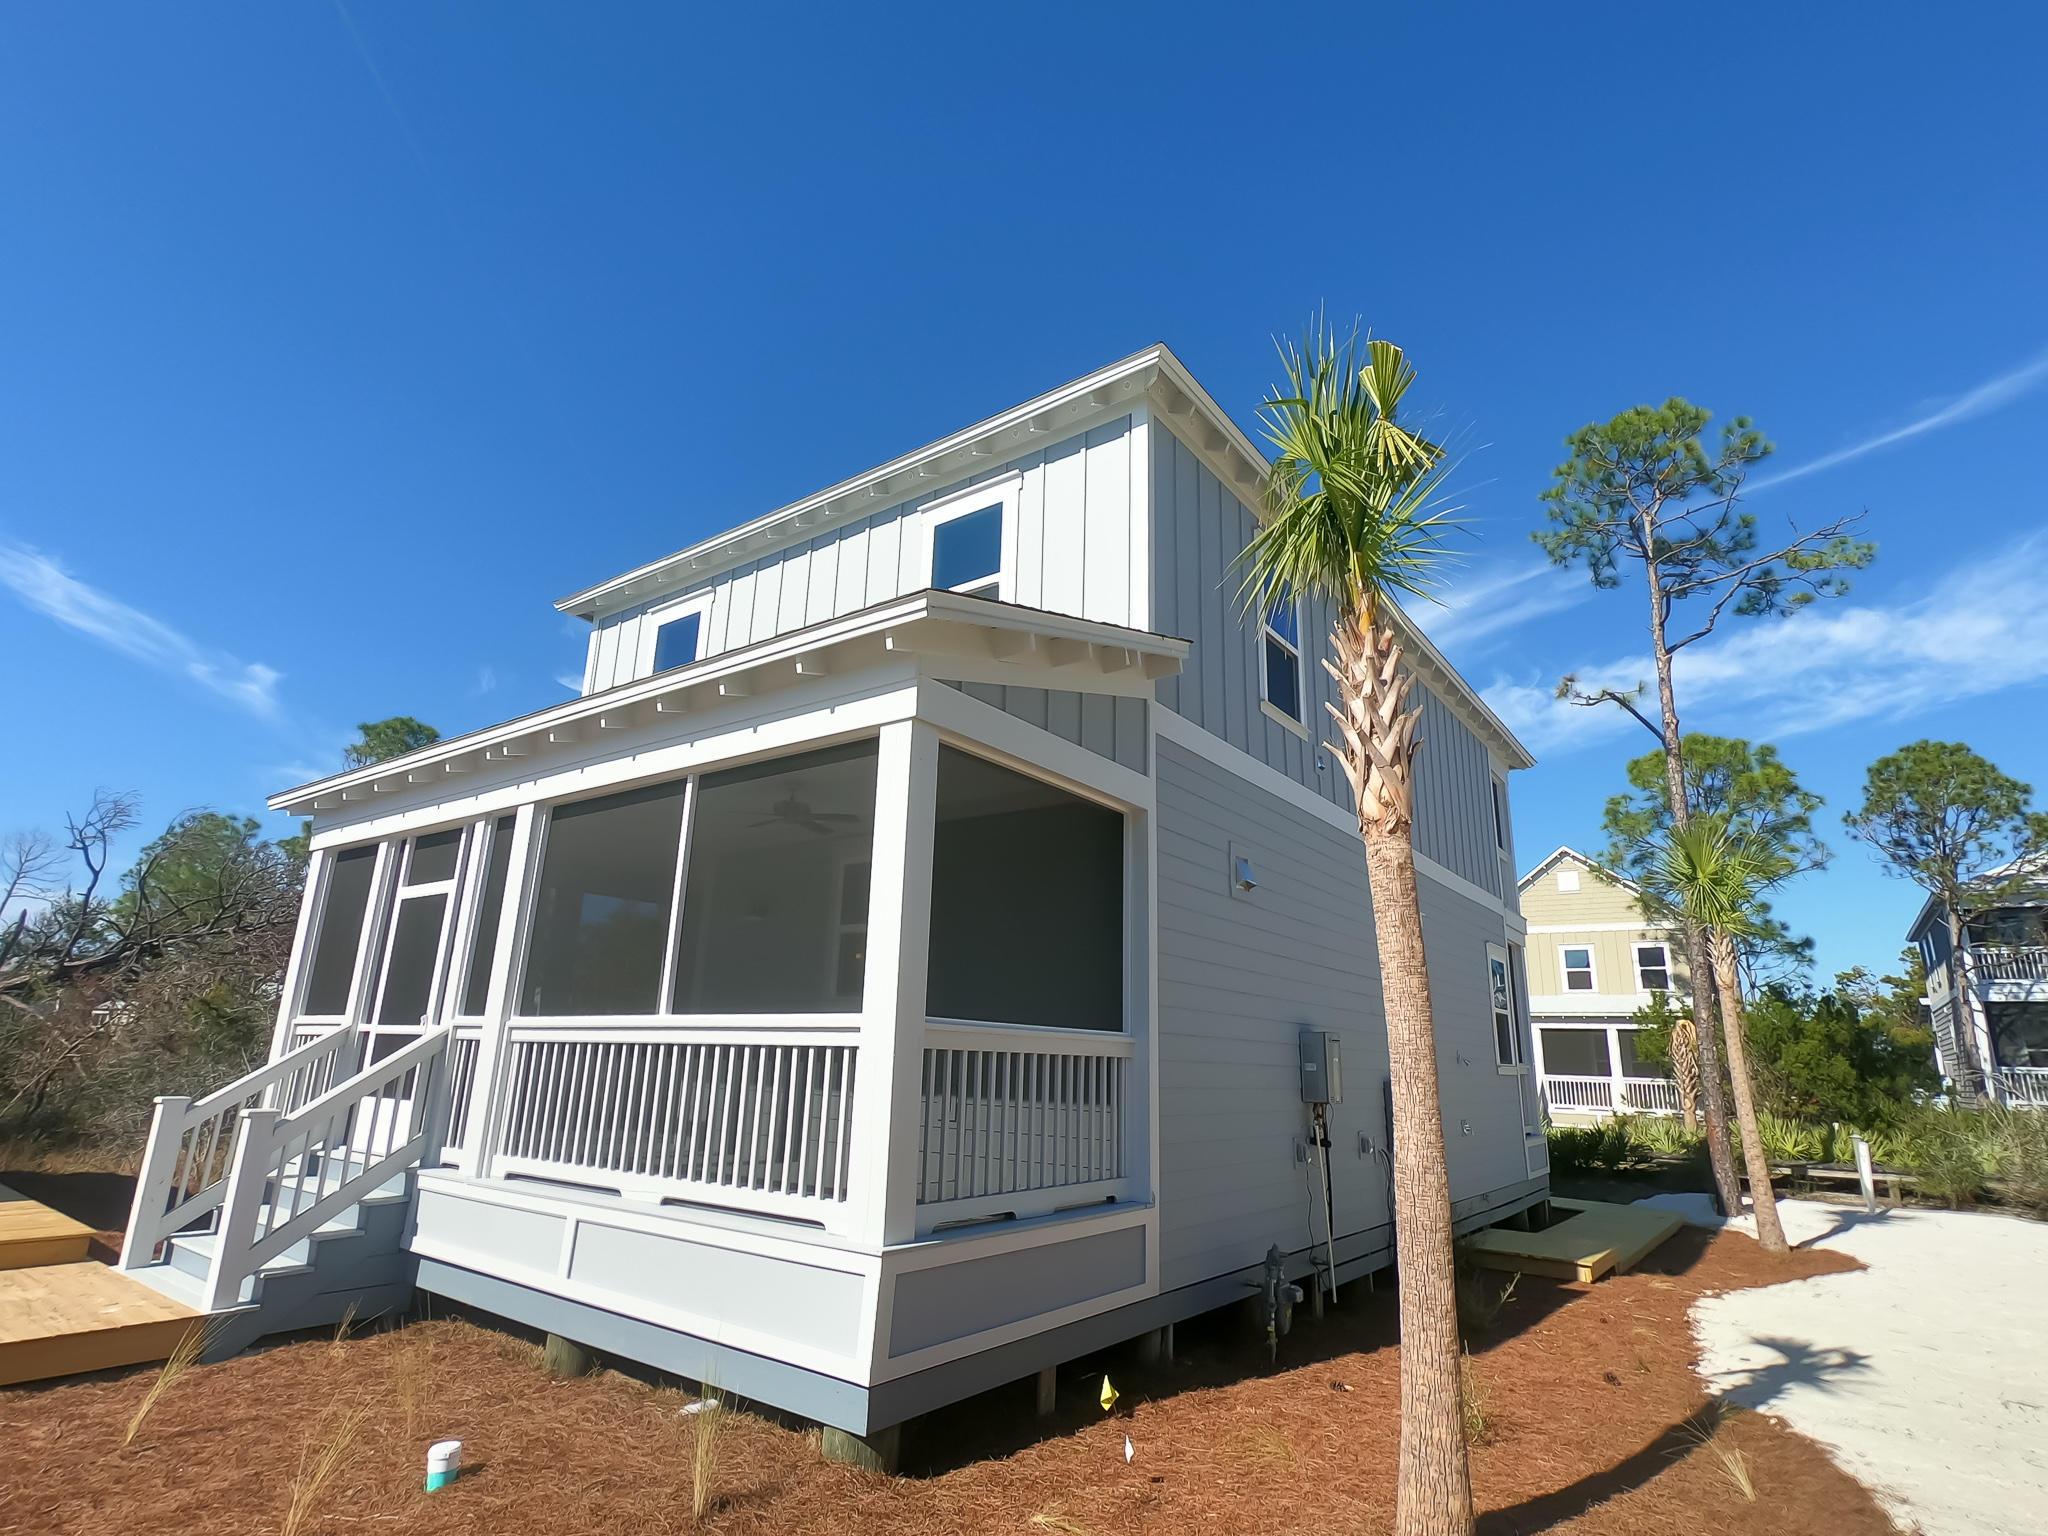 103 Goldfish Court Lot 5112, Port St. Joe, FL 32456